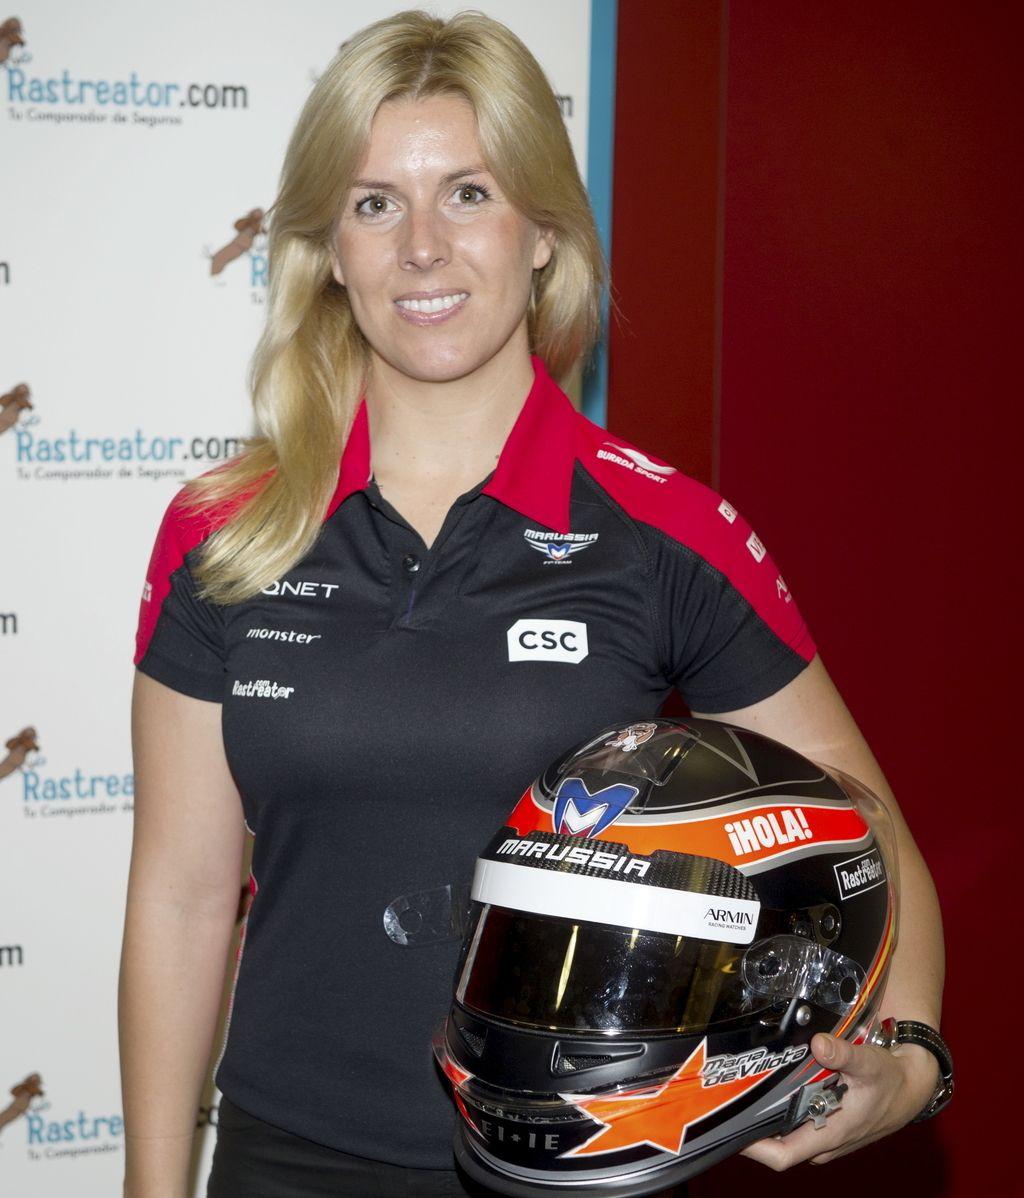 María de Villota, primera mujer española piloto de Fórmula 1